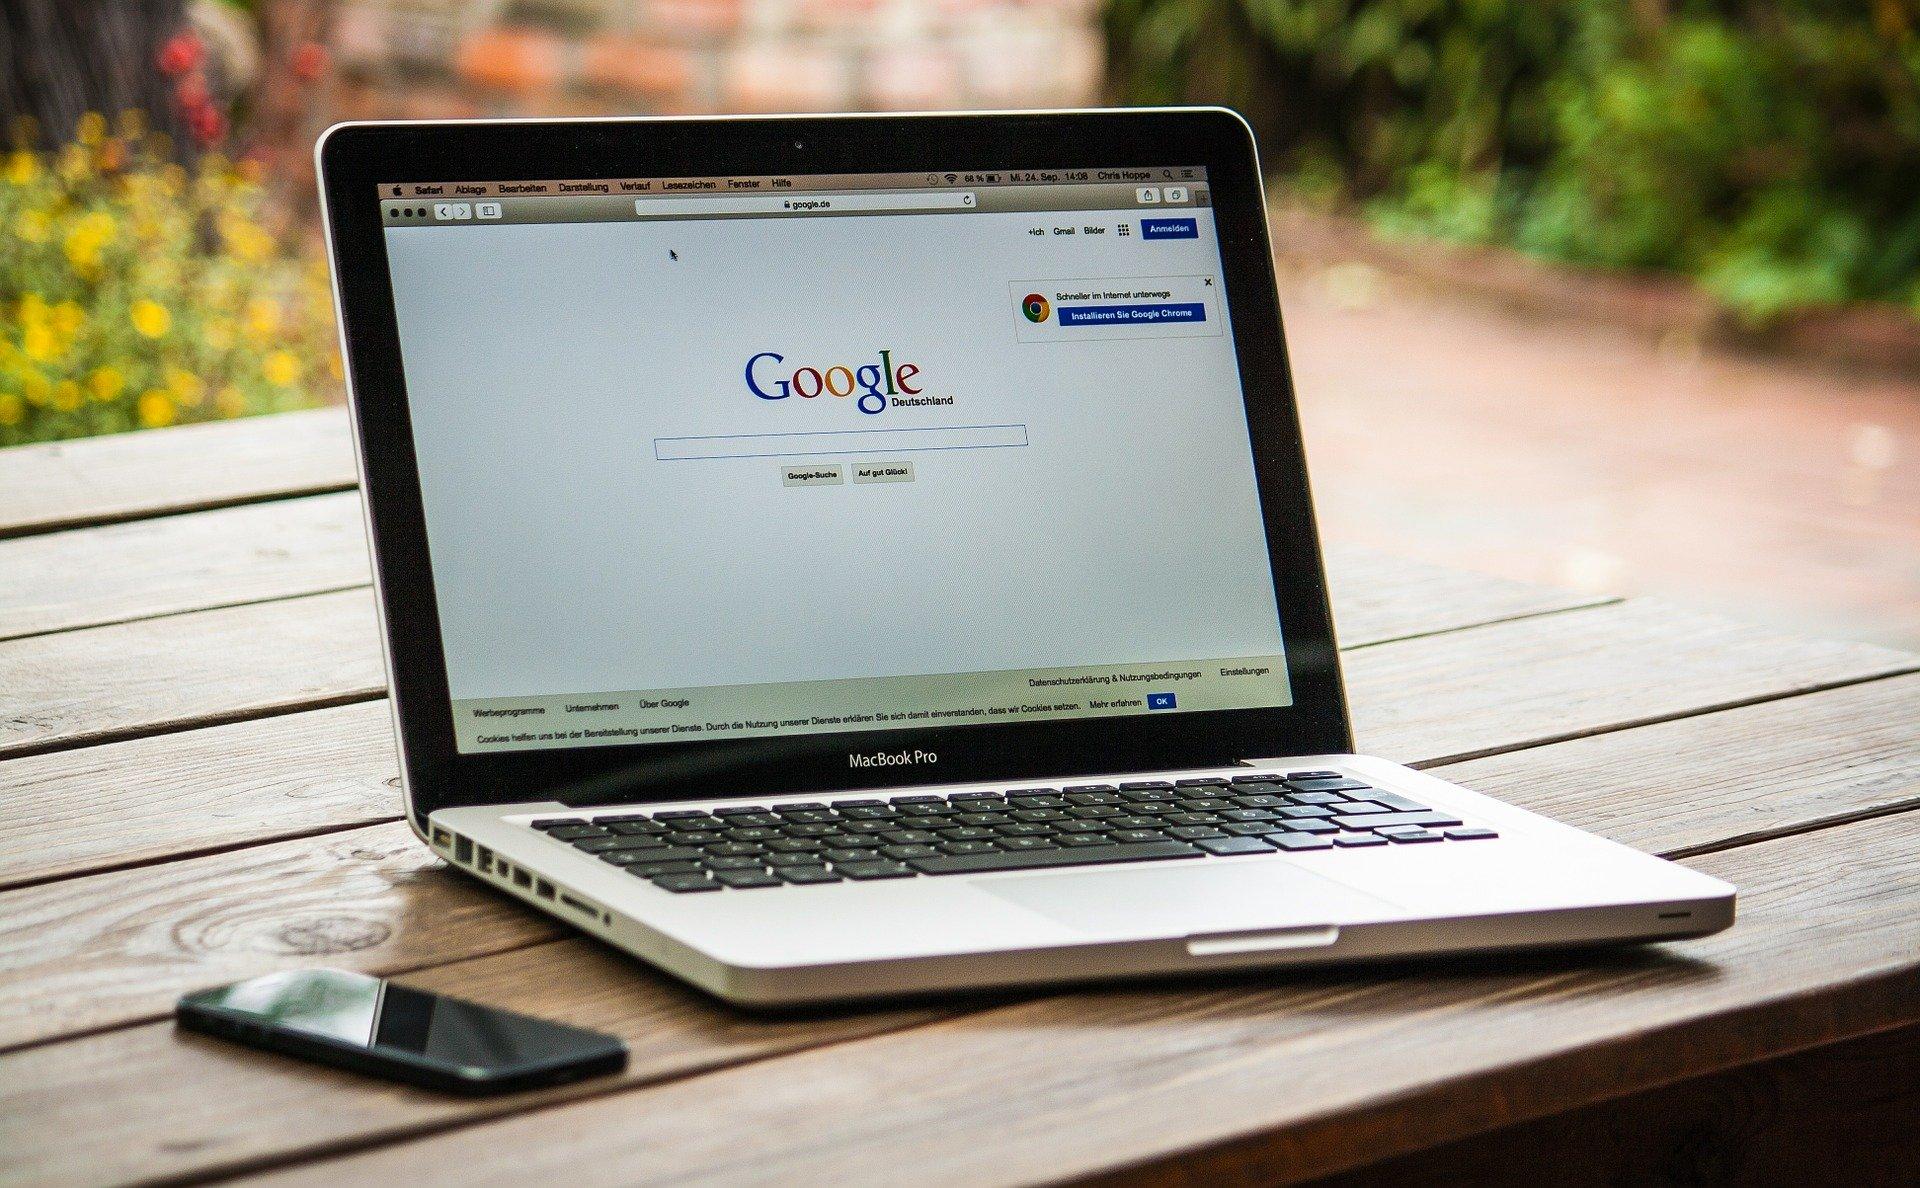 Laptop cu motorul de cautare Google pe ecran